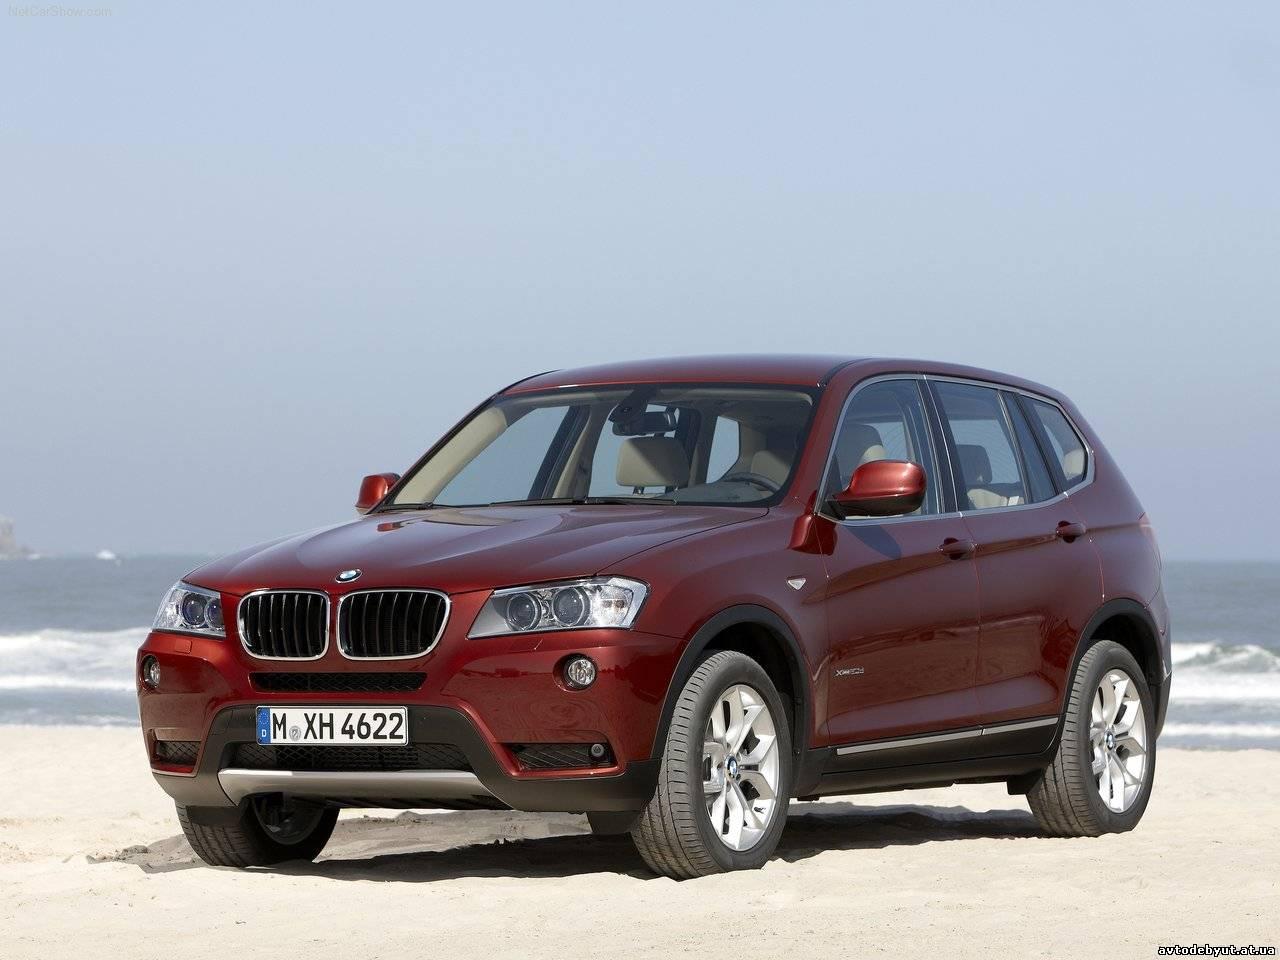 Марки автомобилей, описание, технические характеристики, фото, отзывы.